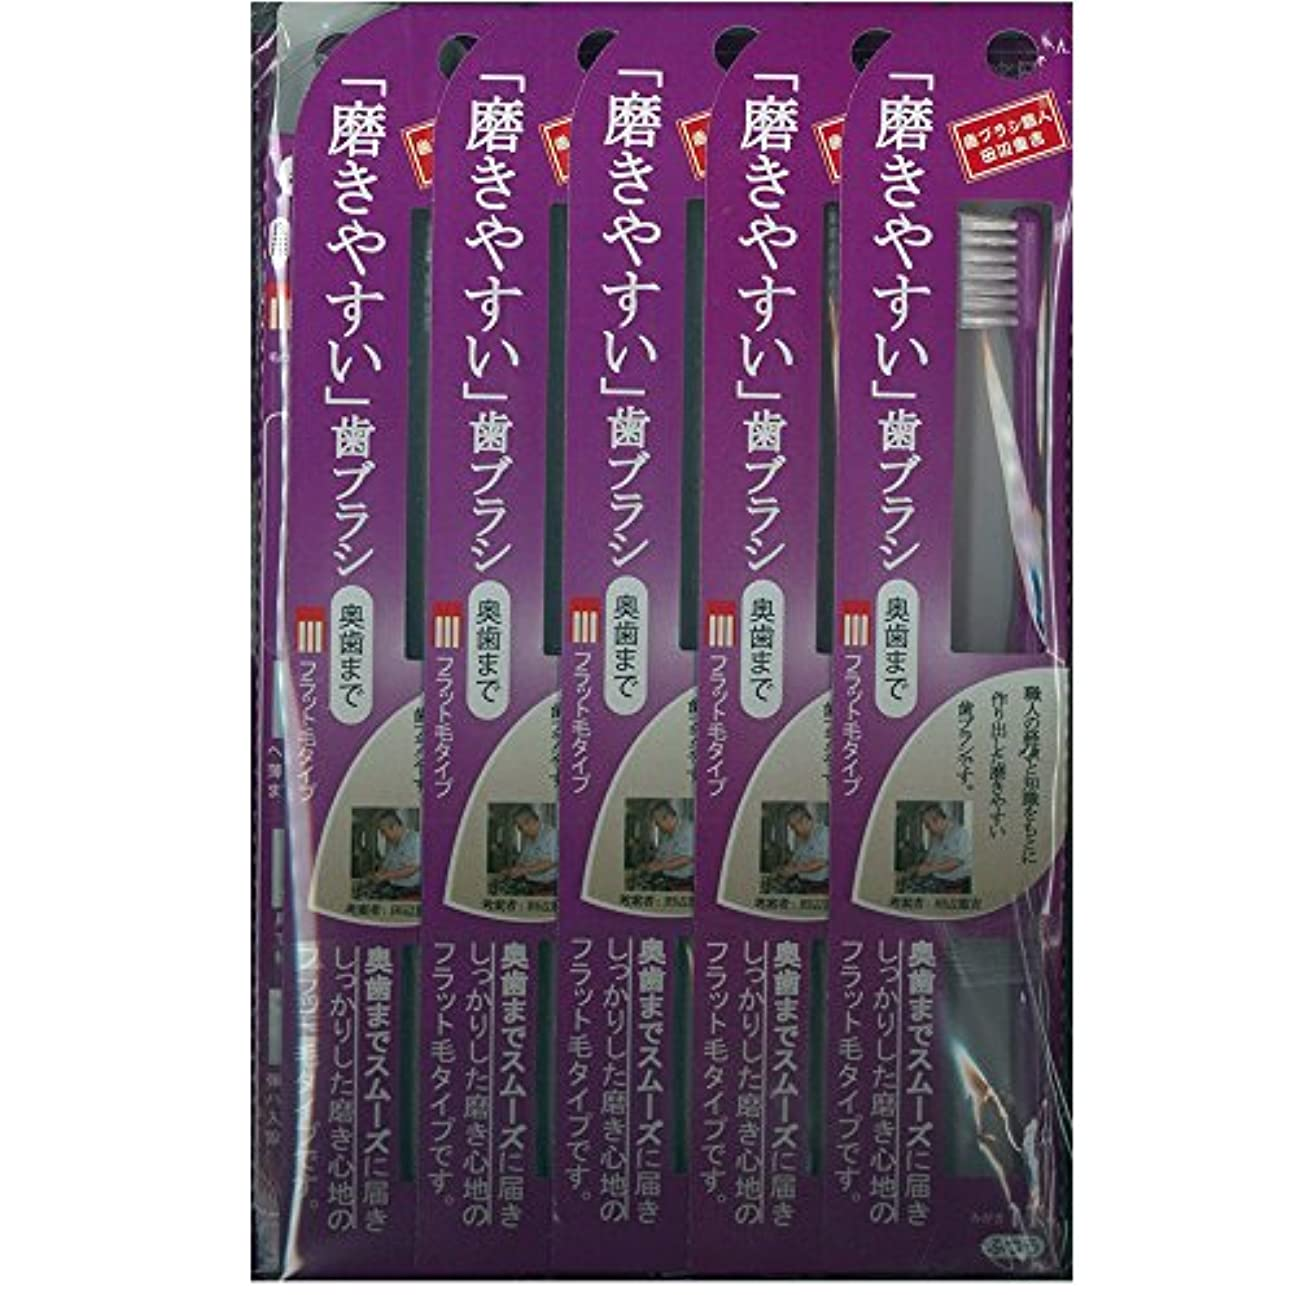 郵便と闘う福祉磨きやすい歯ブラシ(奥歯まで)フラット LT-11×12本セット( ピンク×4本、ブルー×4本、グリーン×2本、パープル×2本)